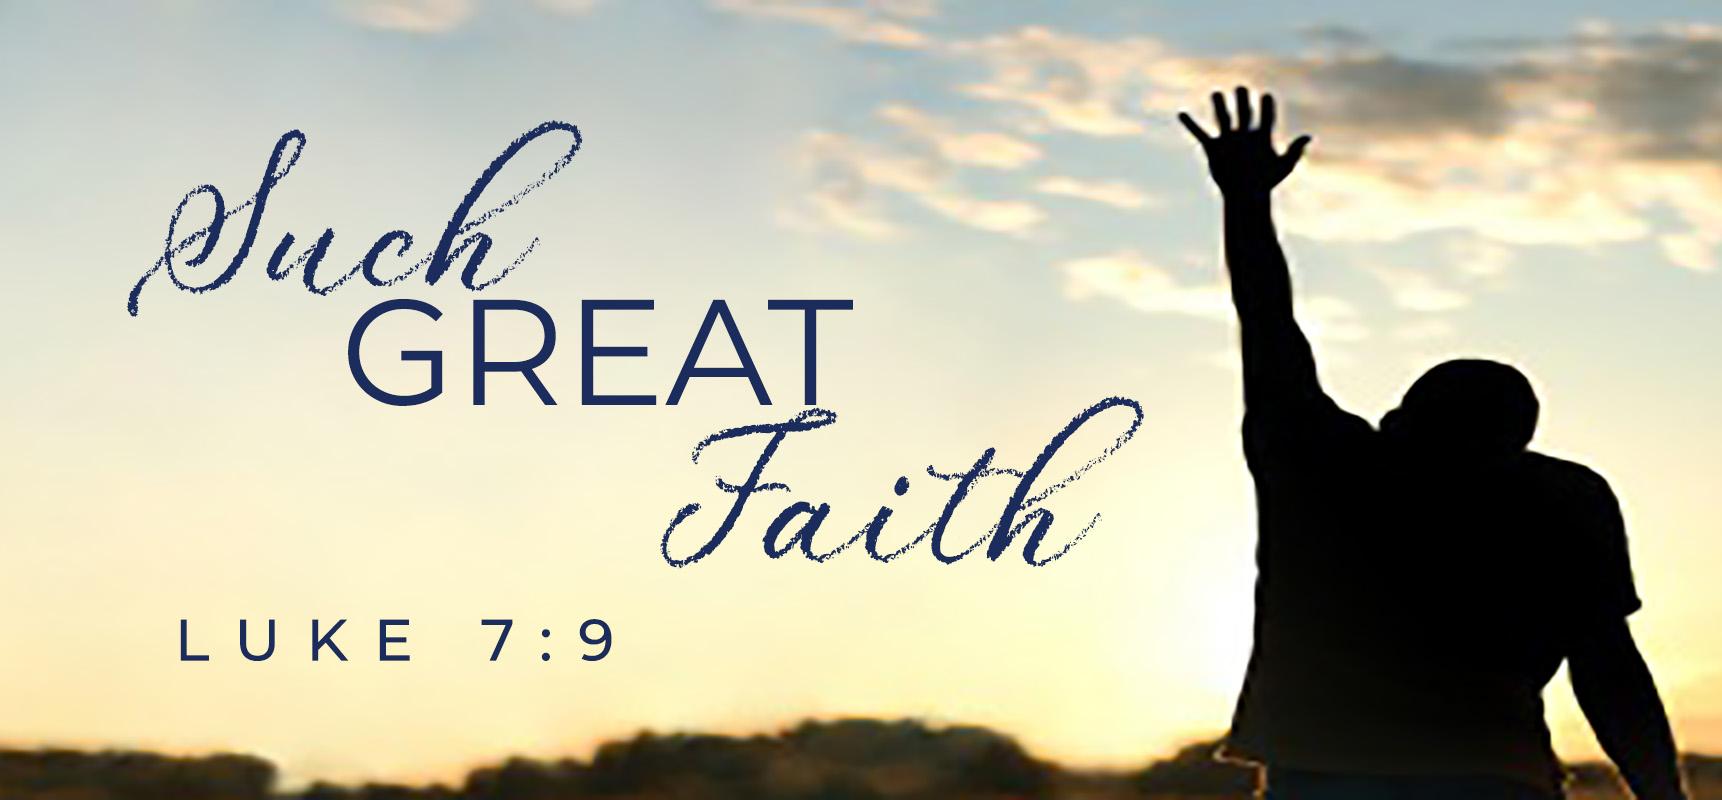 Such great Faith